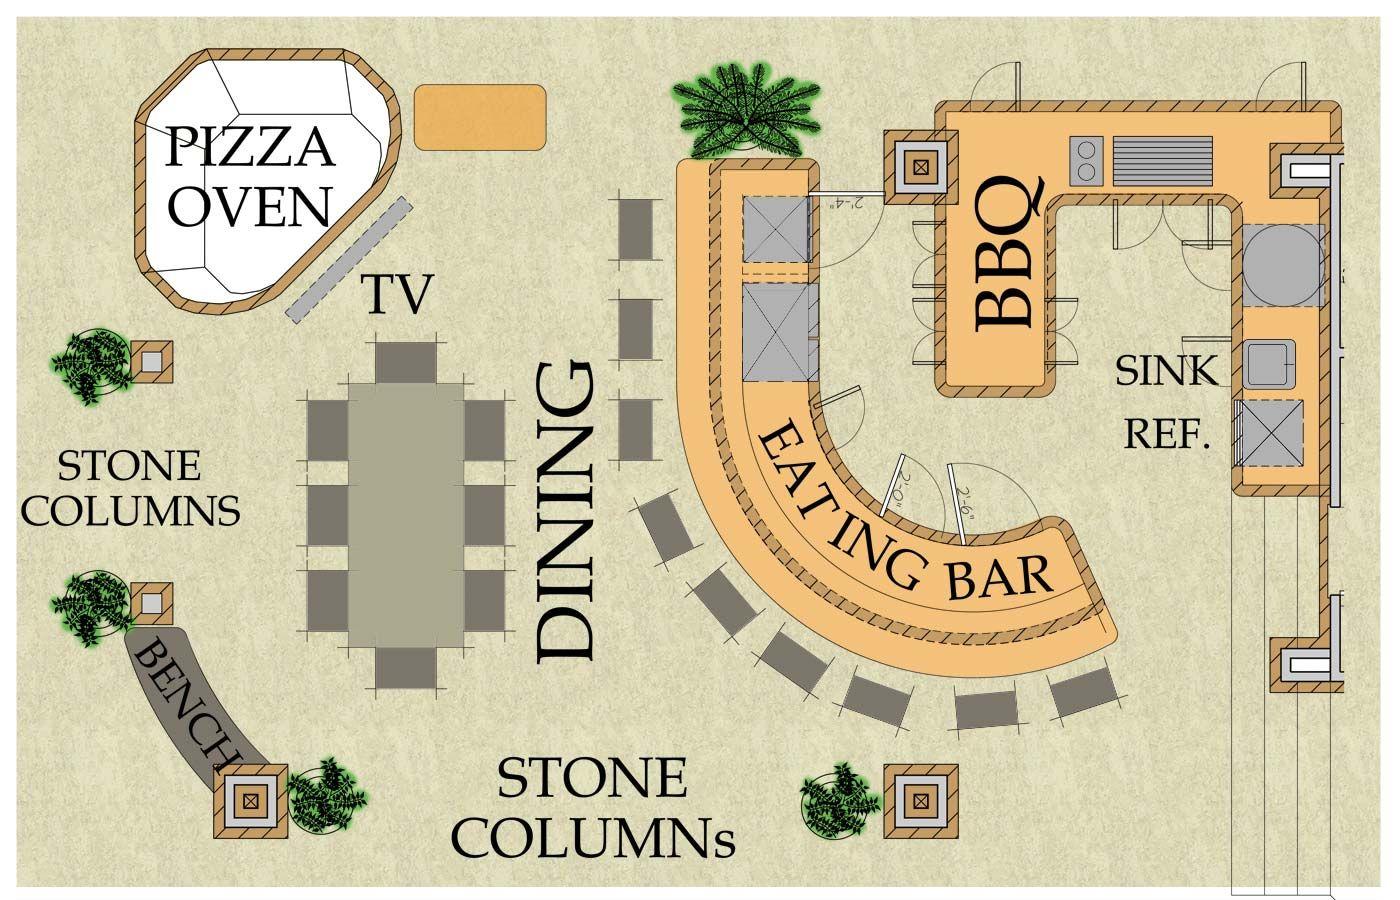 outdoor kitchen floor plans, outdoor living kitchen, pizza oven